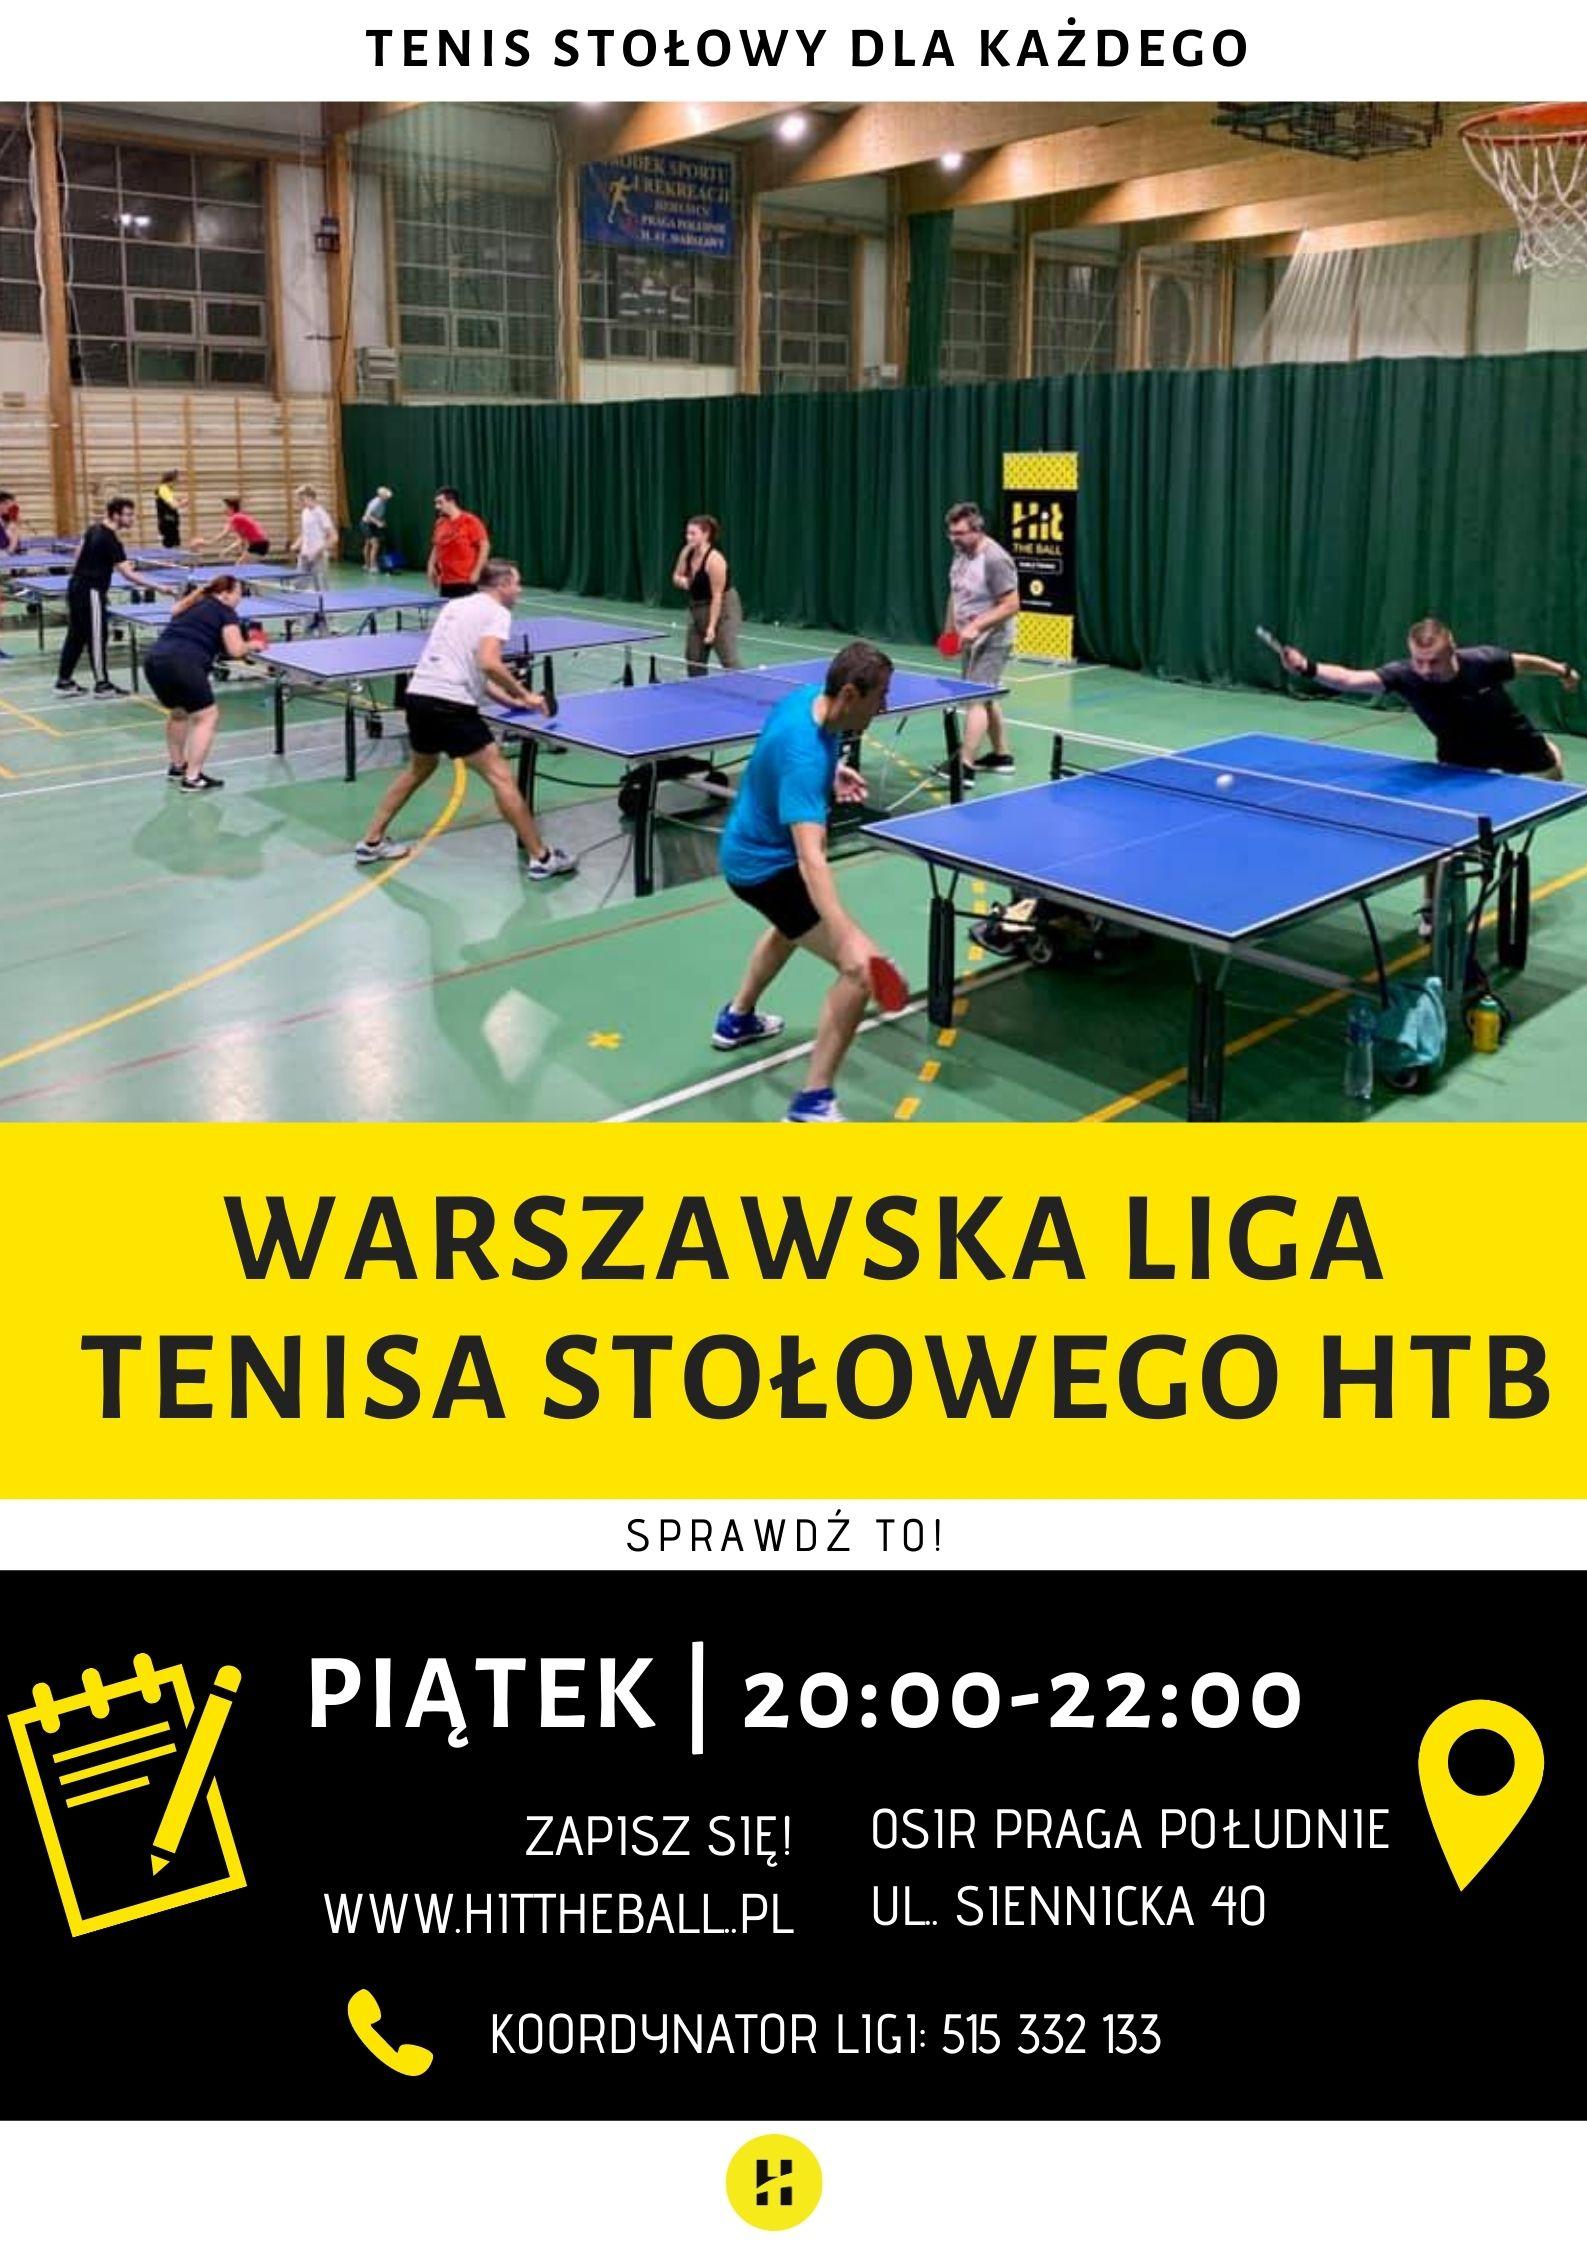 Plakat turnieju Warszawa Liga Tenisa Stołowego 2020 - 7 termin